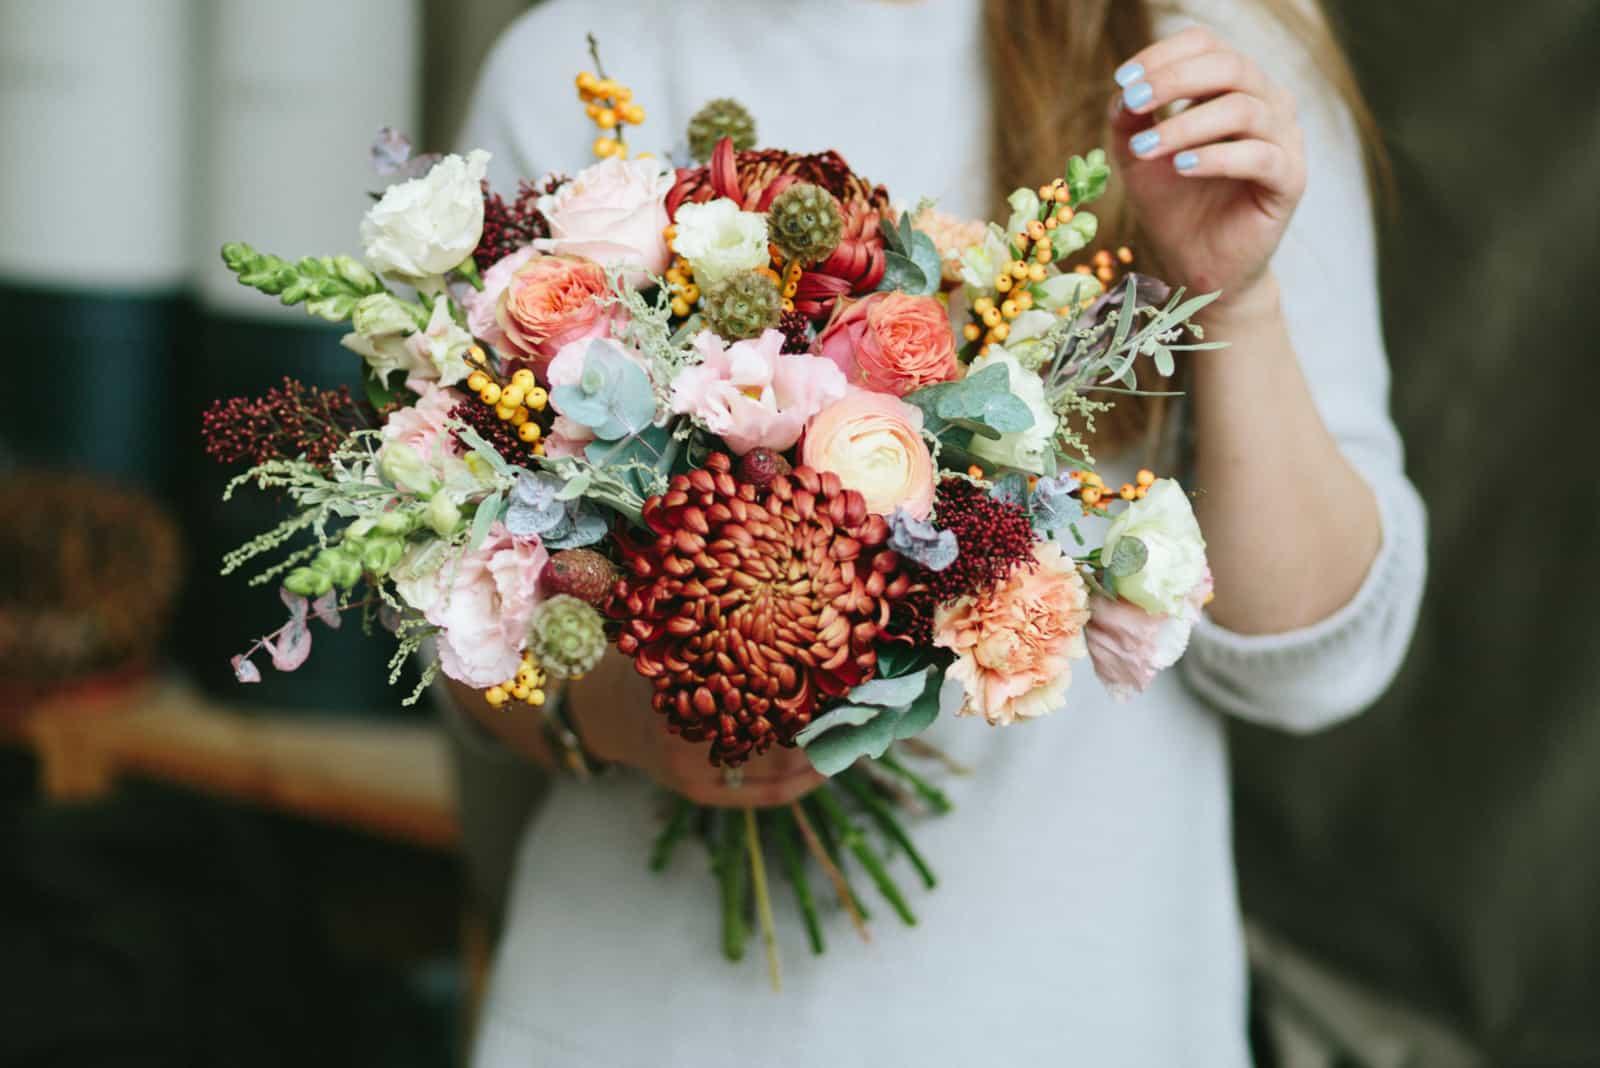 Frau, die schönen Blumenstrauß hält